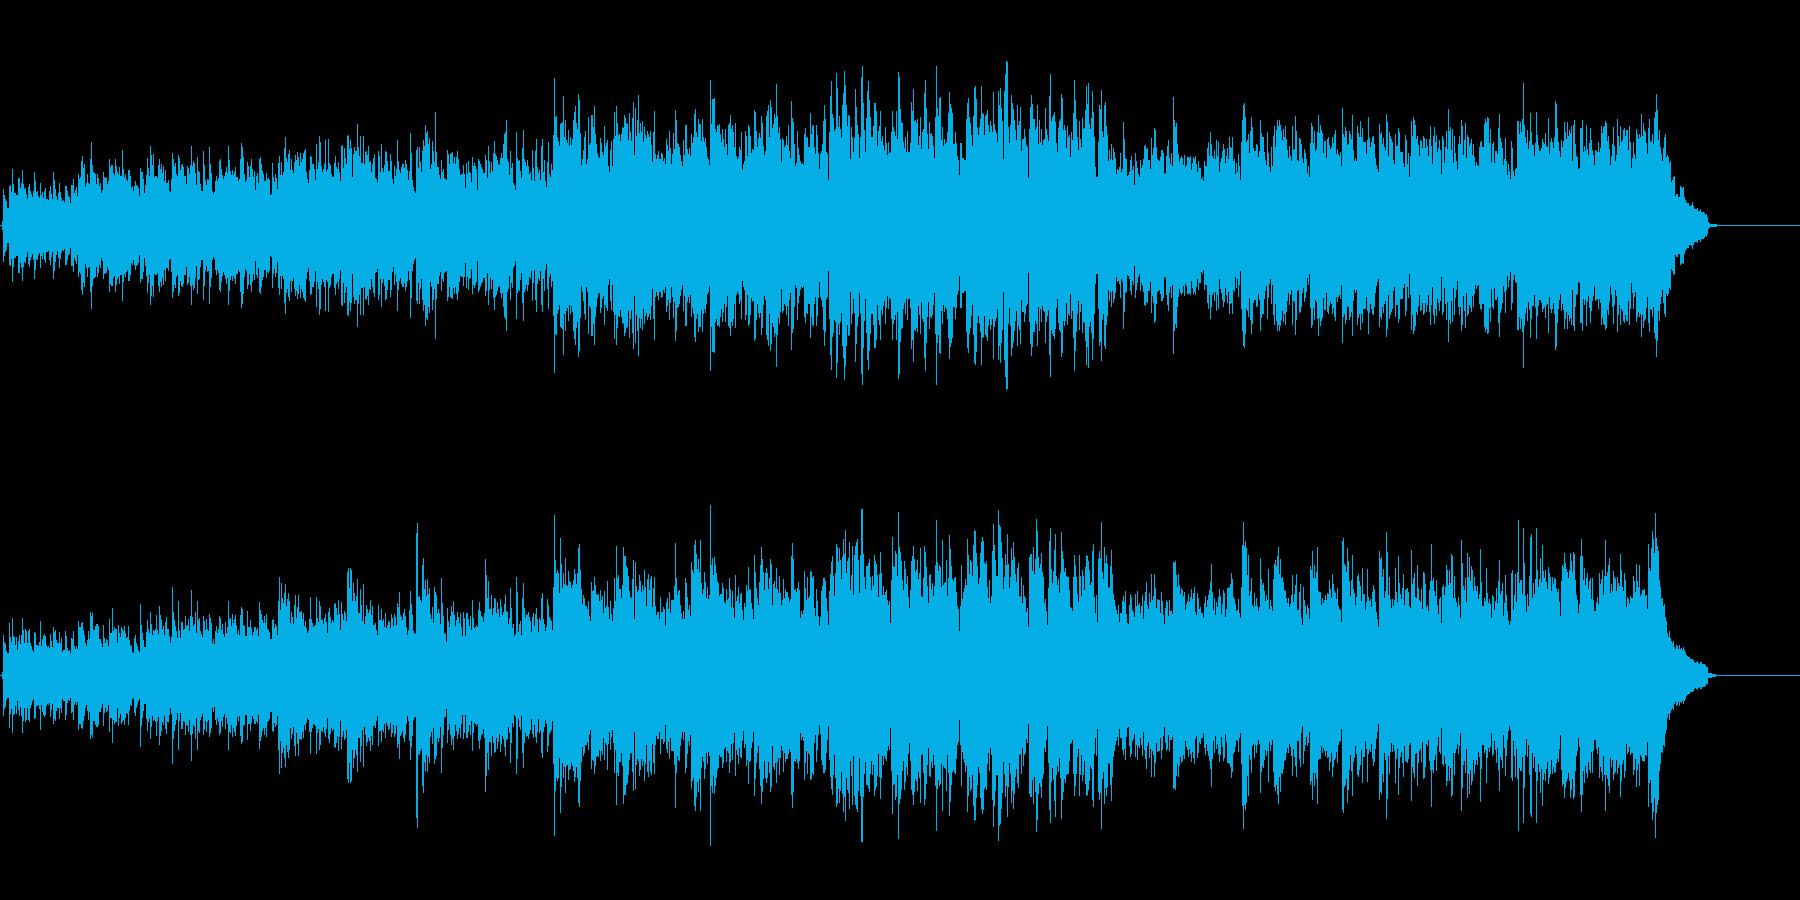 アコースティック感覚のアンビエントの再生済みの波形